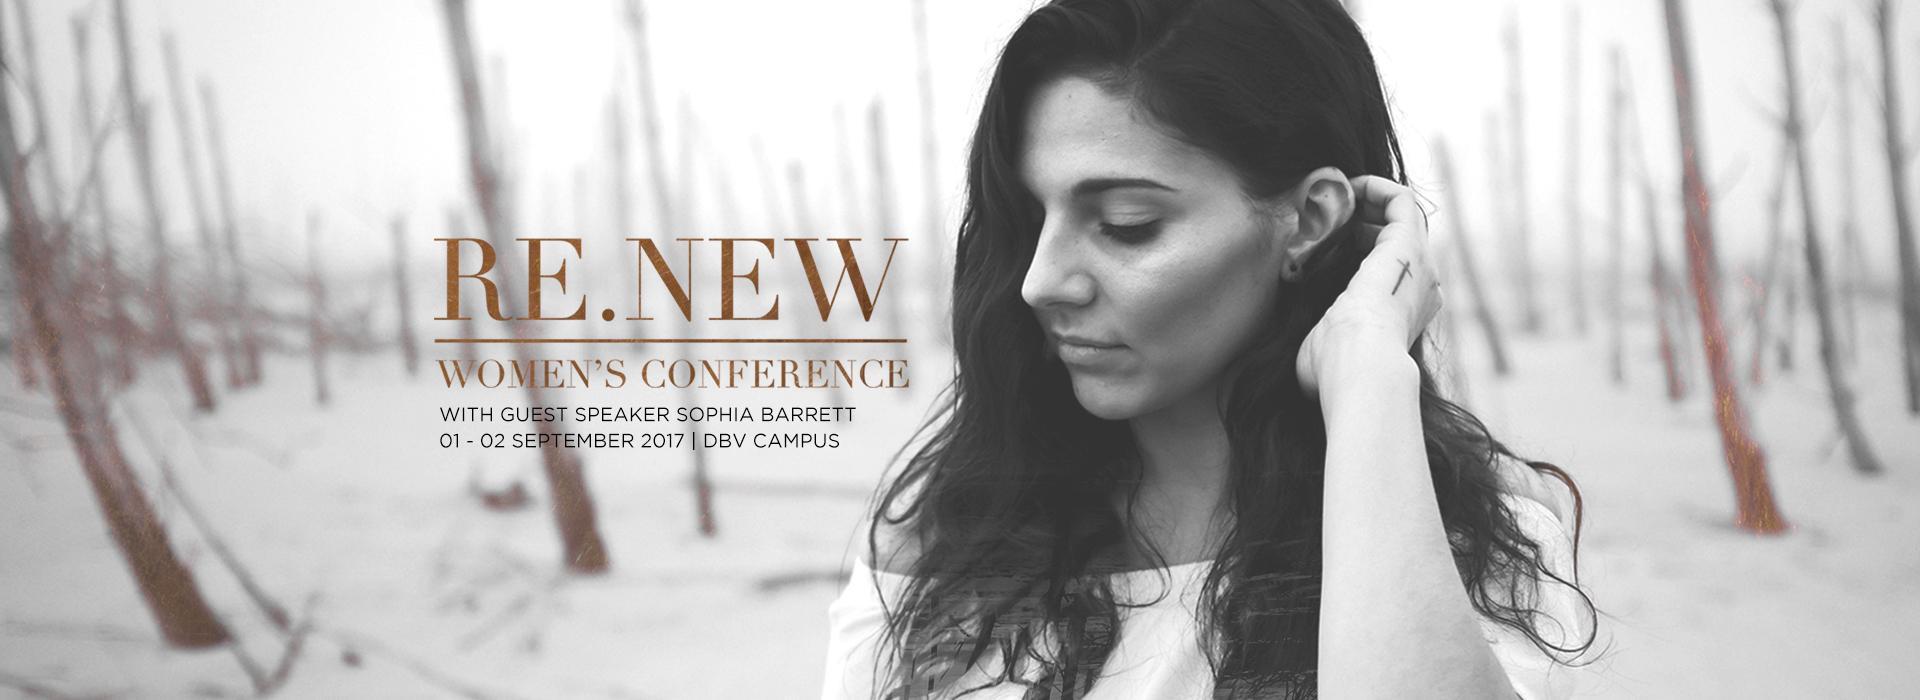 RenewWomensConf2017_WebBanner